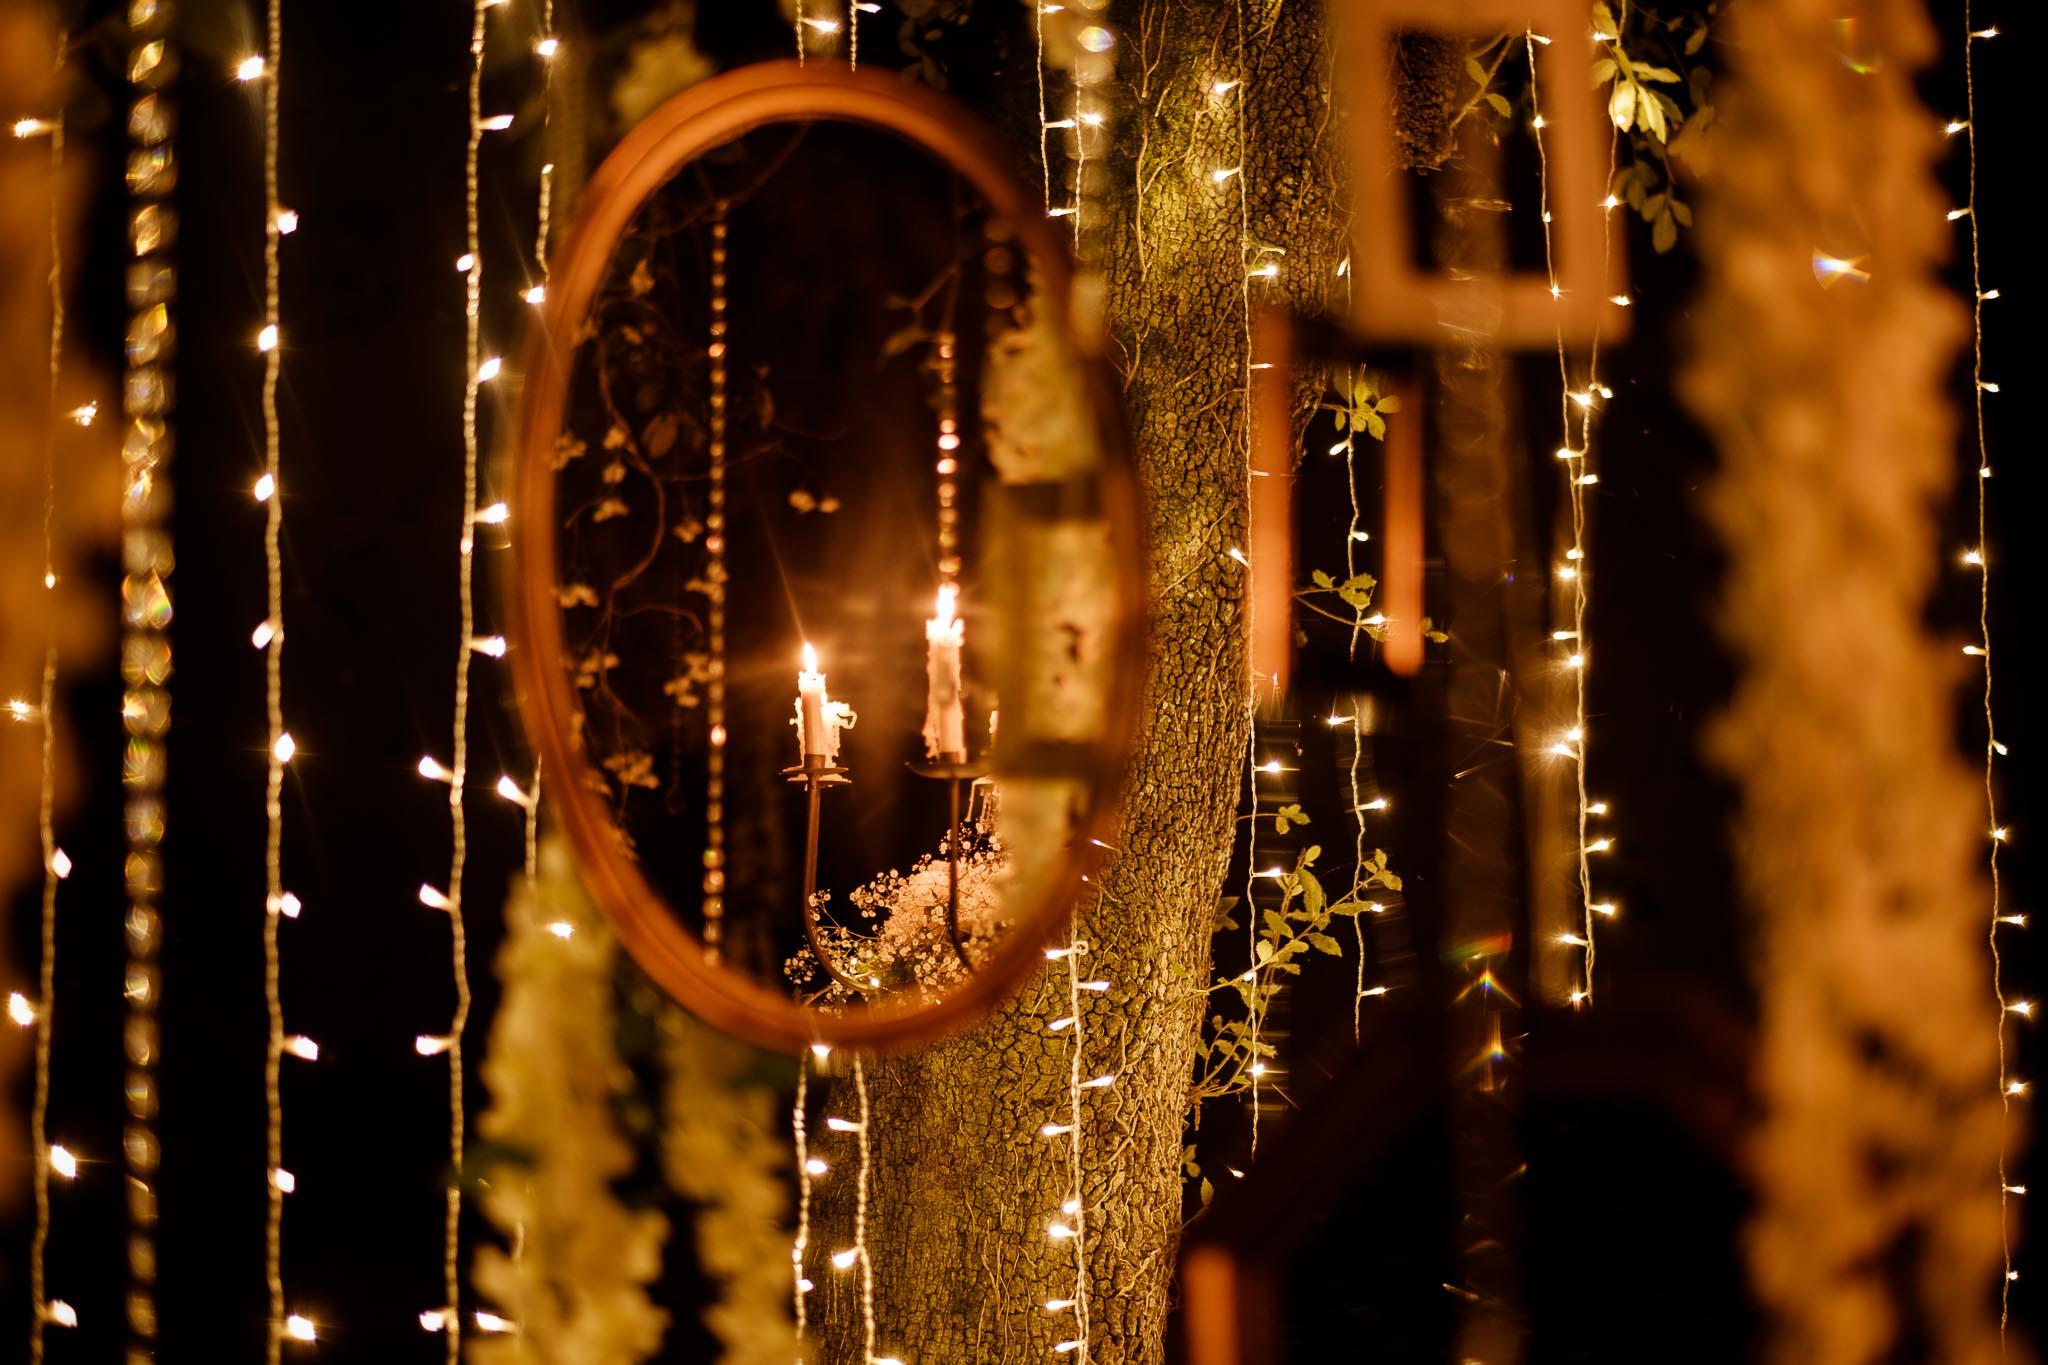 photos d'une séance couple mise en scène après mariage, prises de nuit, lors d'un repas au sein d'un décor inspiré du film Twilight, au Château de Vair à Anetz par Geoffrey Arnoldy photographe